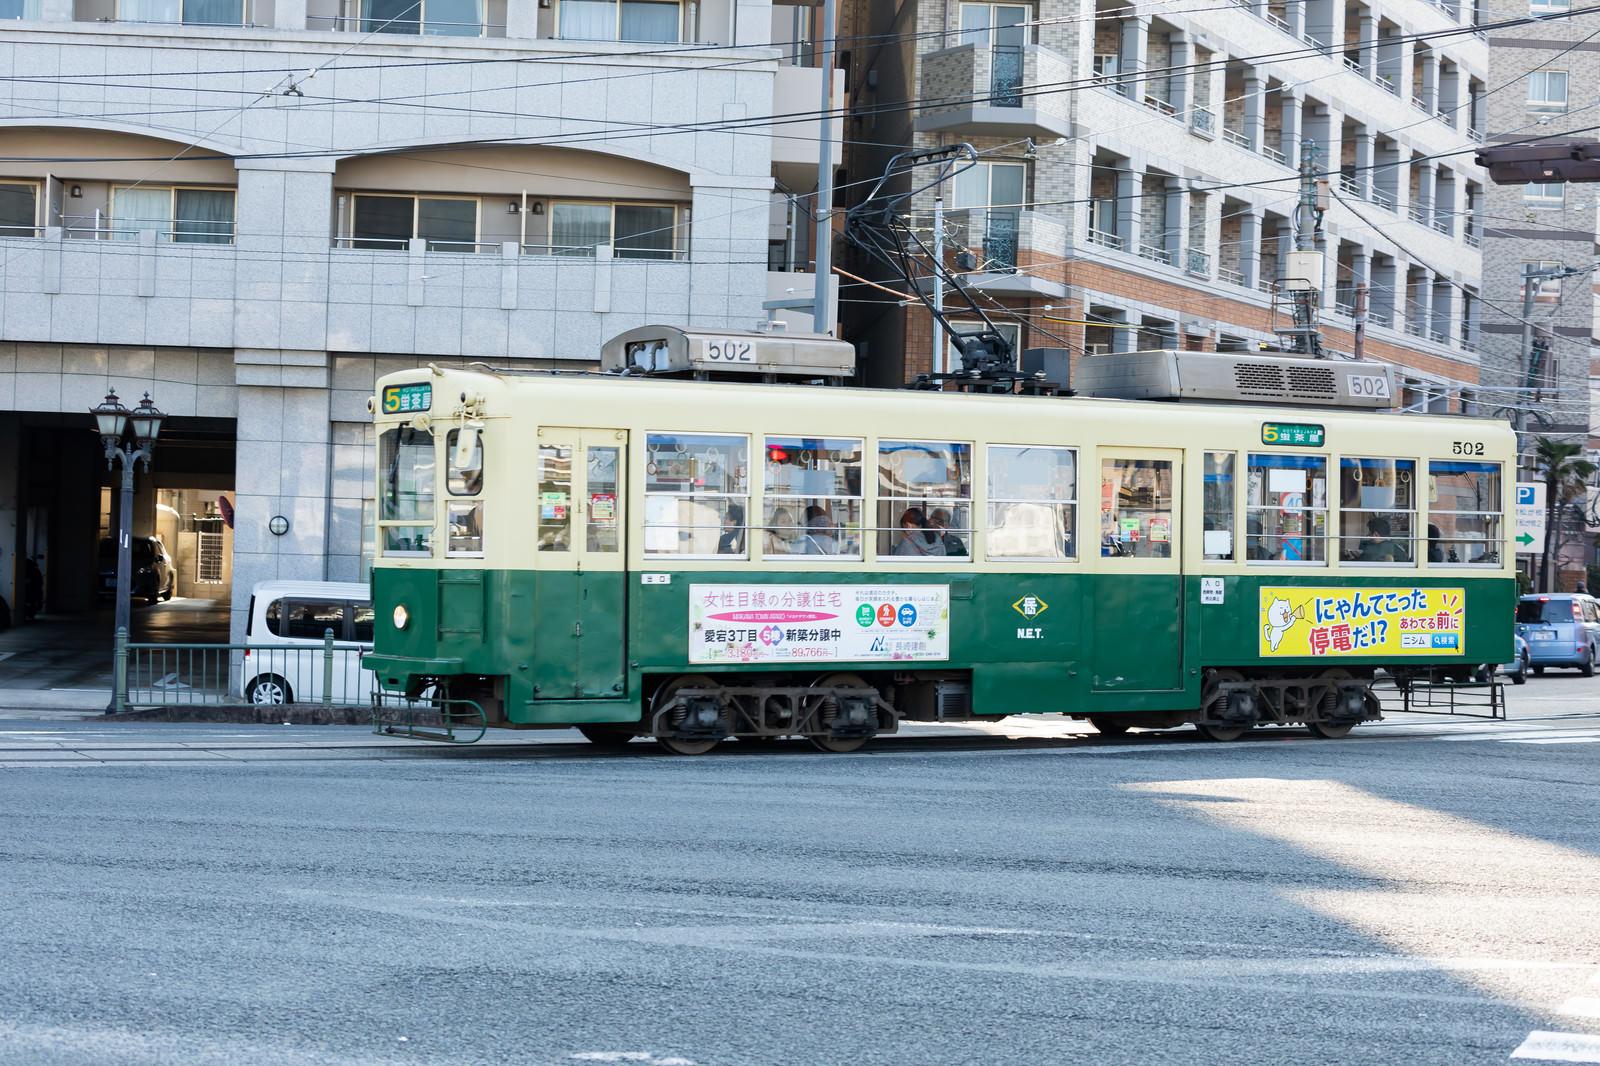 「長崎の町を走る路面電車(ちんちん電車)」の写真